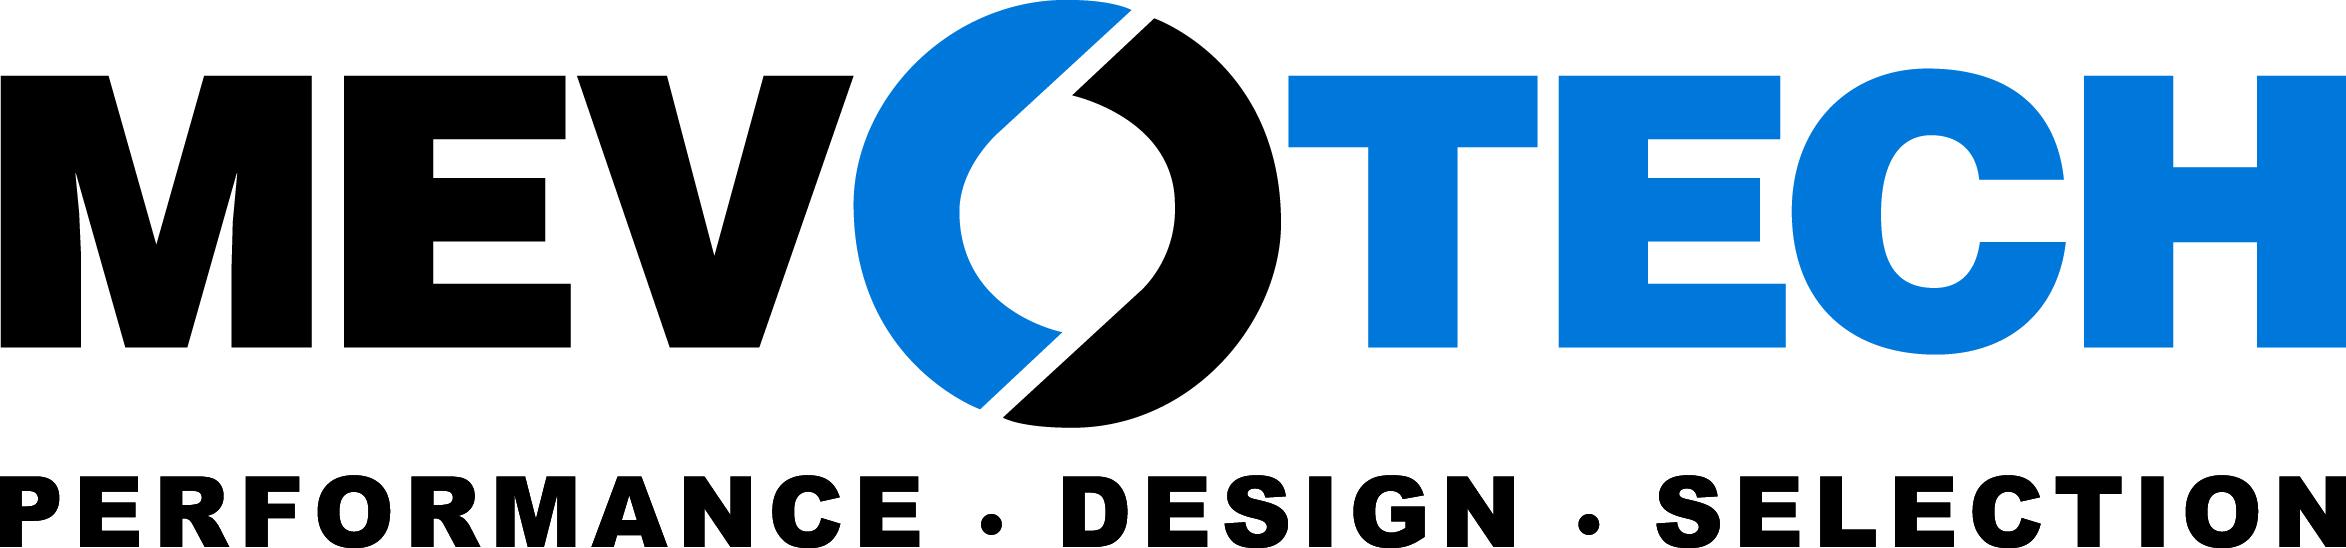 Mevotech logo.jpg